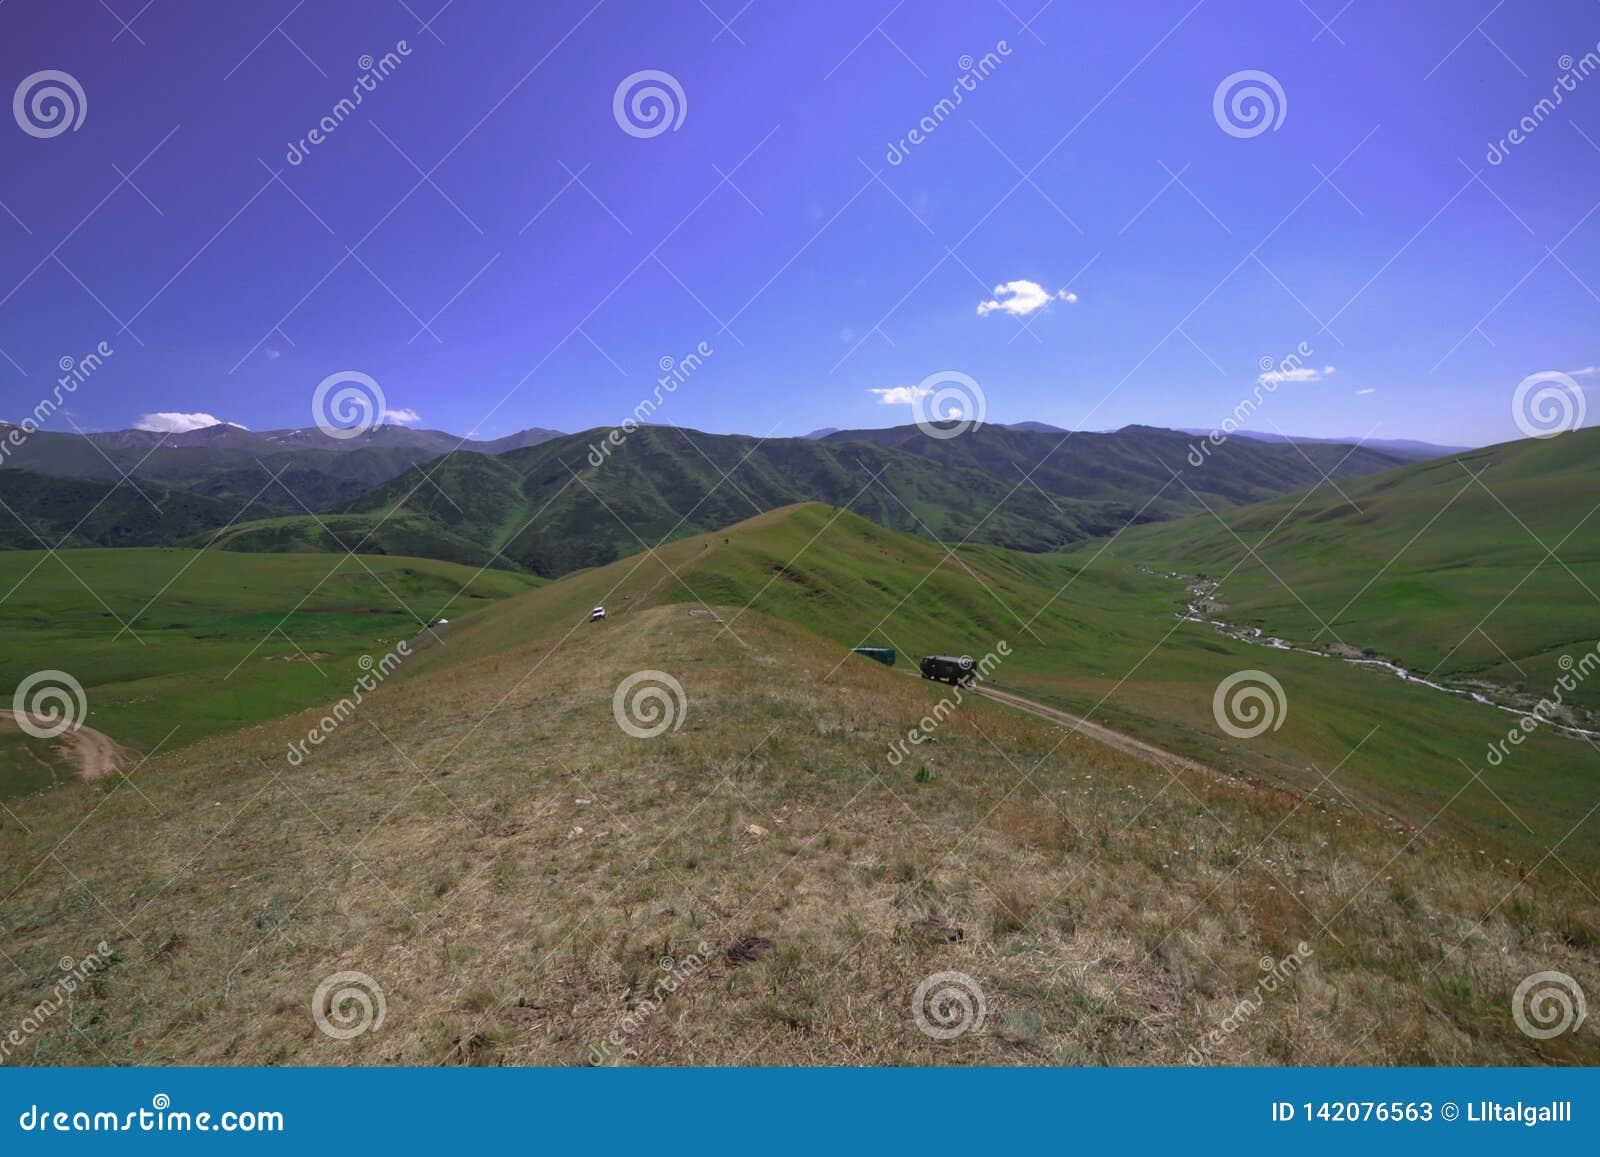 Ατελείωτοι λόφοι μπλε ουρανός ηρεμία